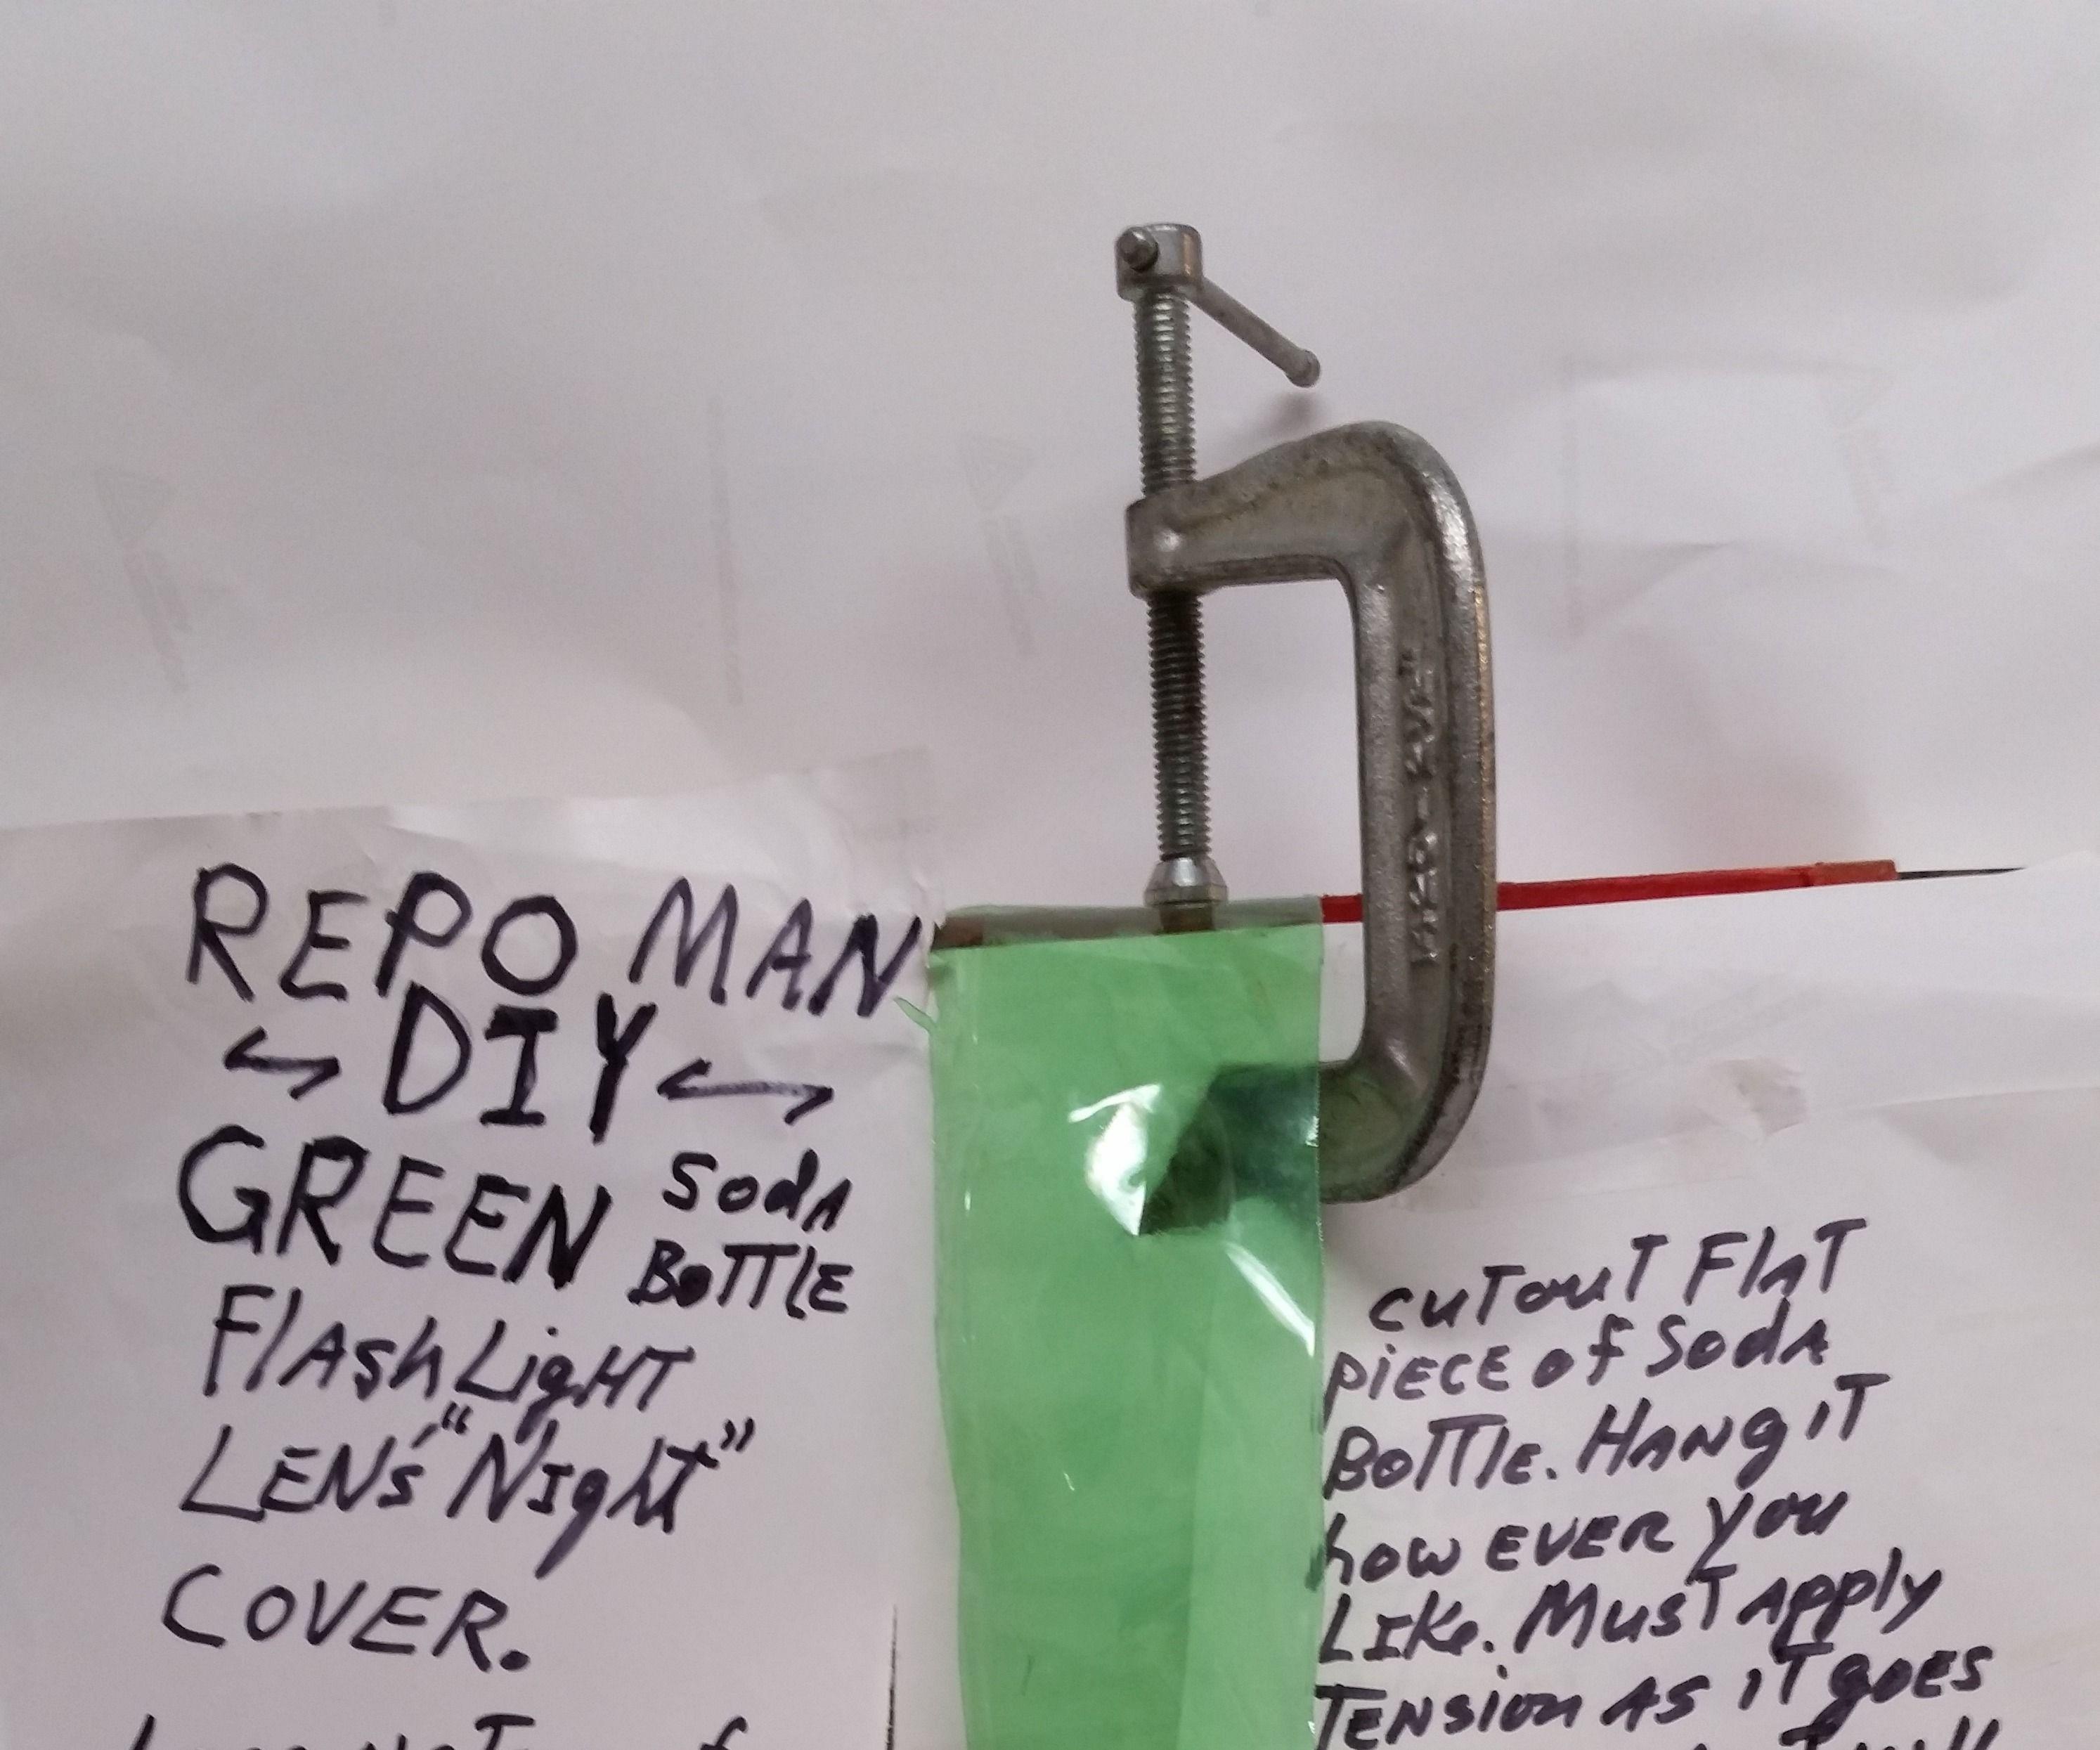 Repo Man DIY Night Green Lens Shade